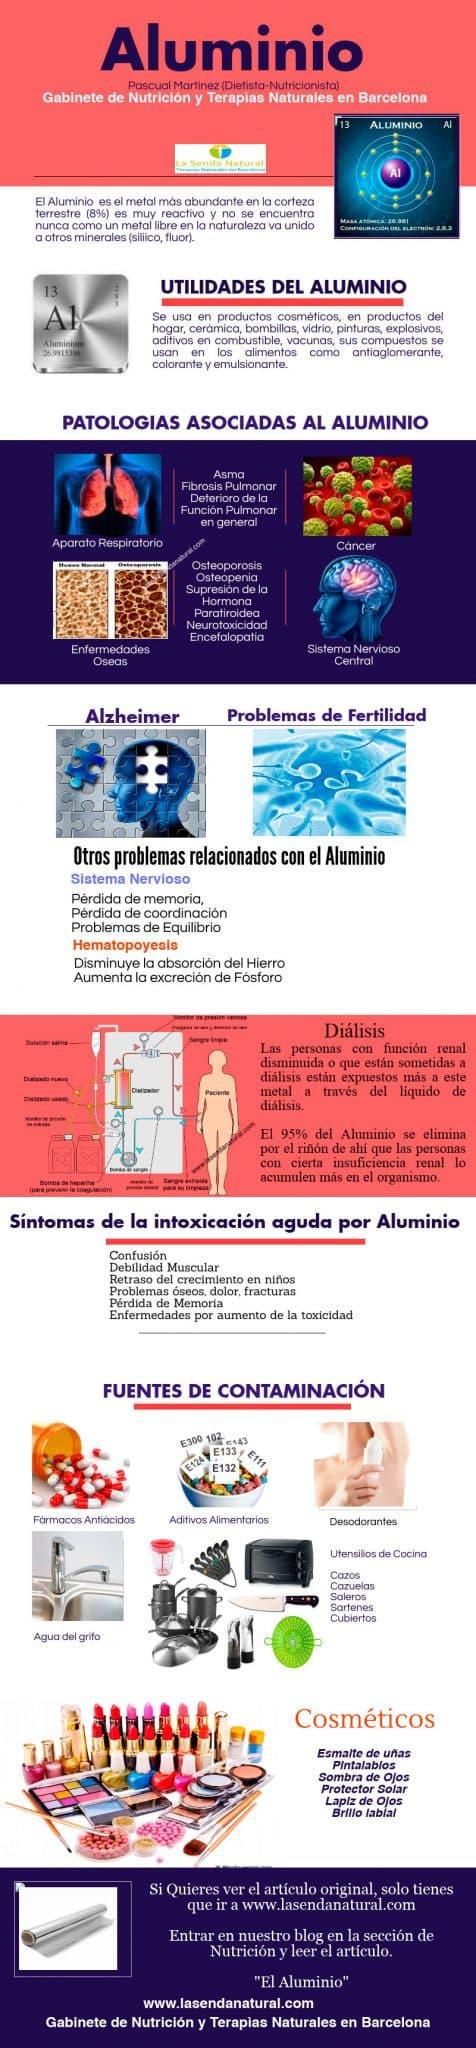 efectos-del-aluminio